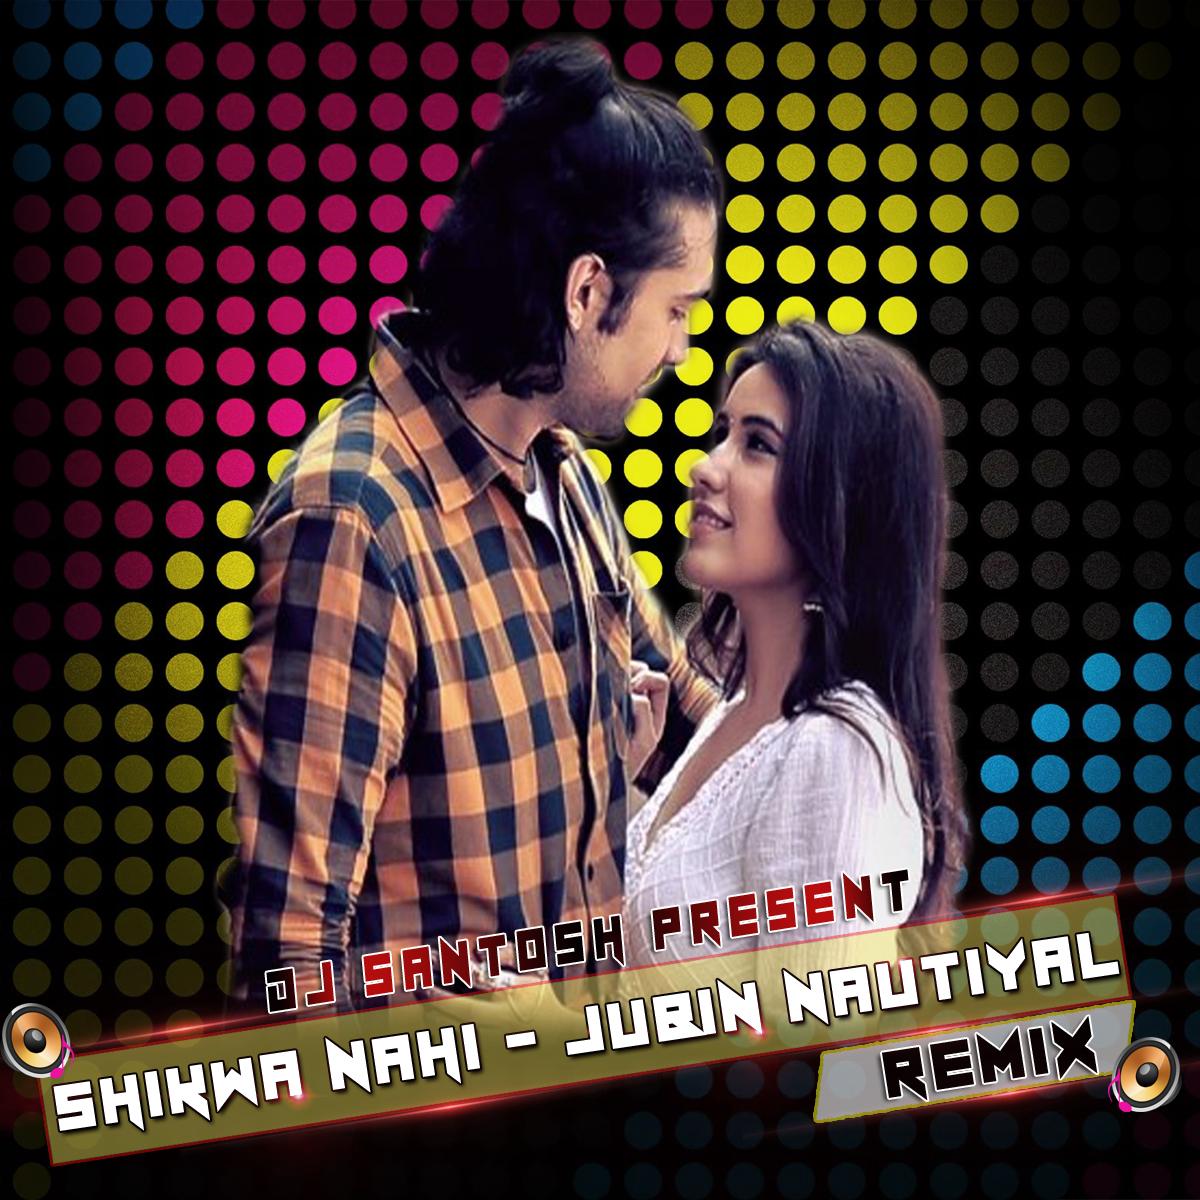 DJ SANTOSH JHANSI: Shikwa Nahi - Jubin Nautiyal (Sad Love